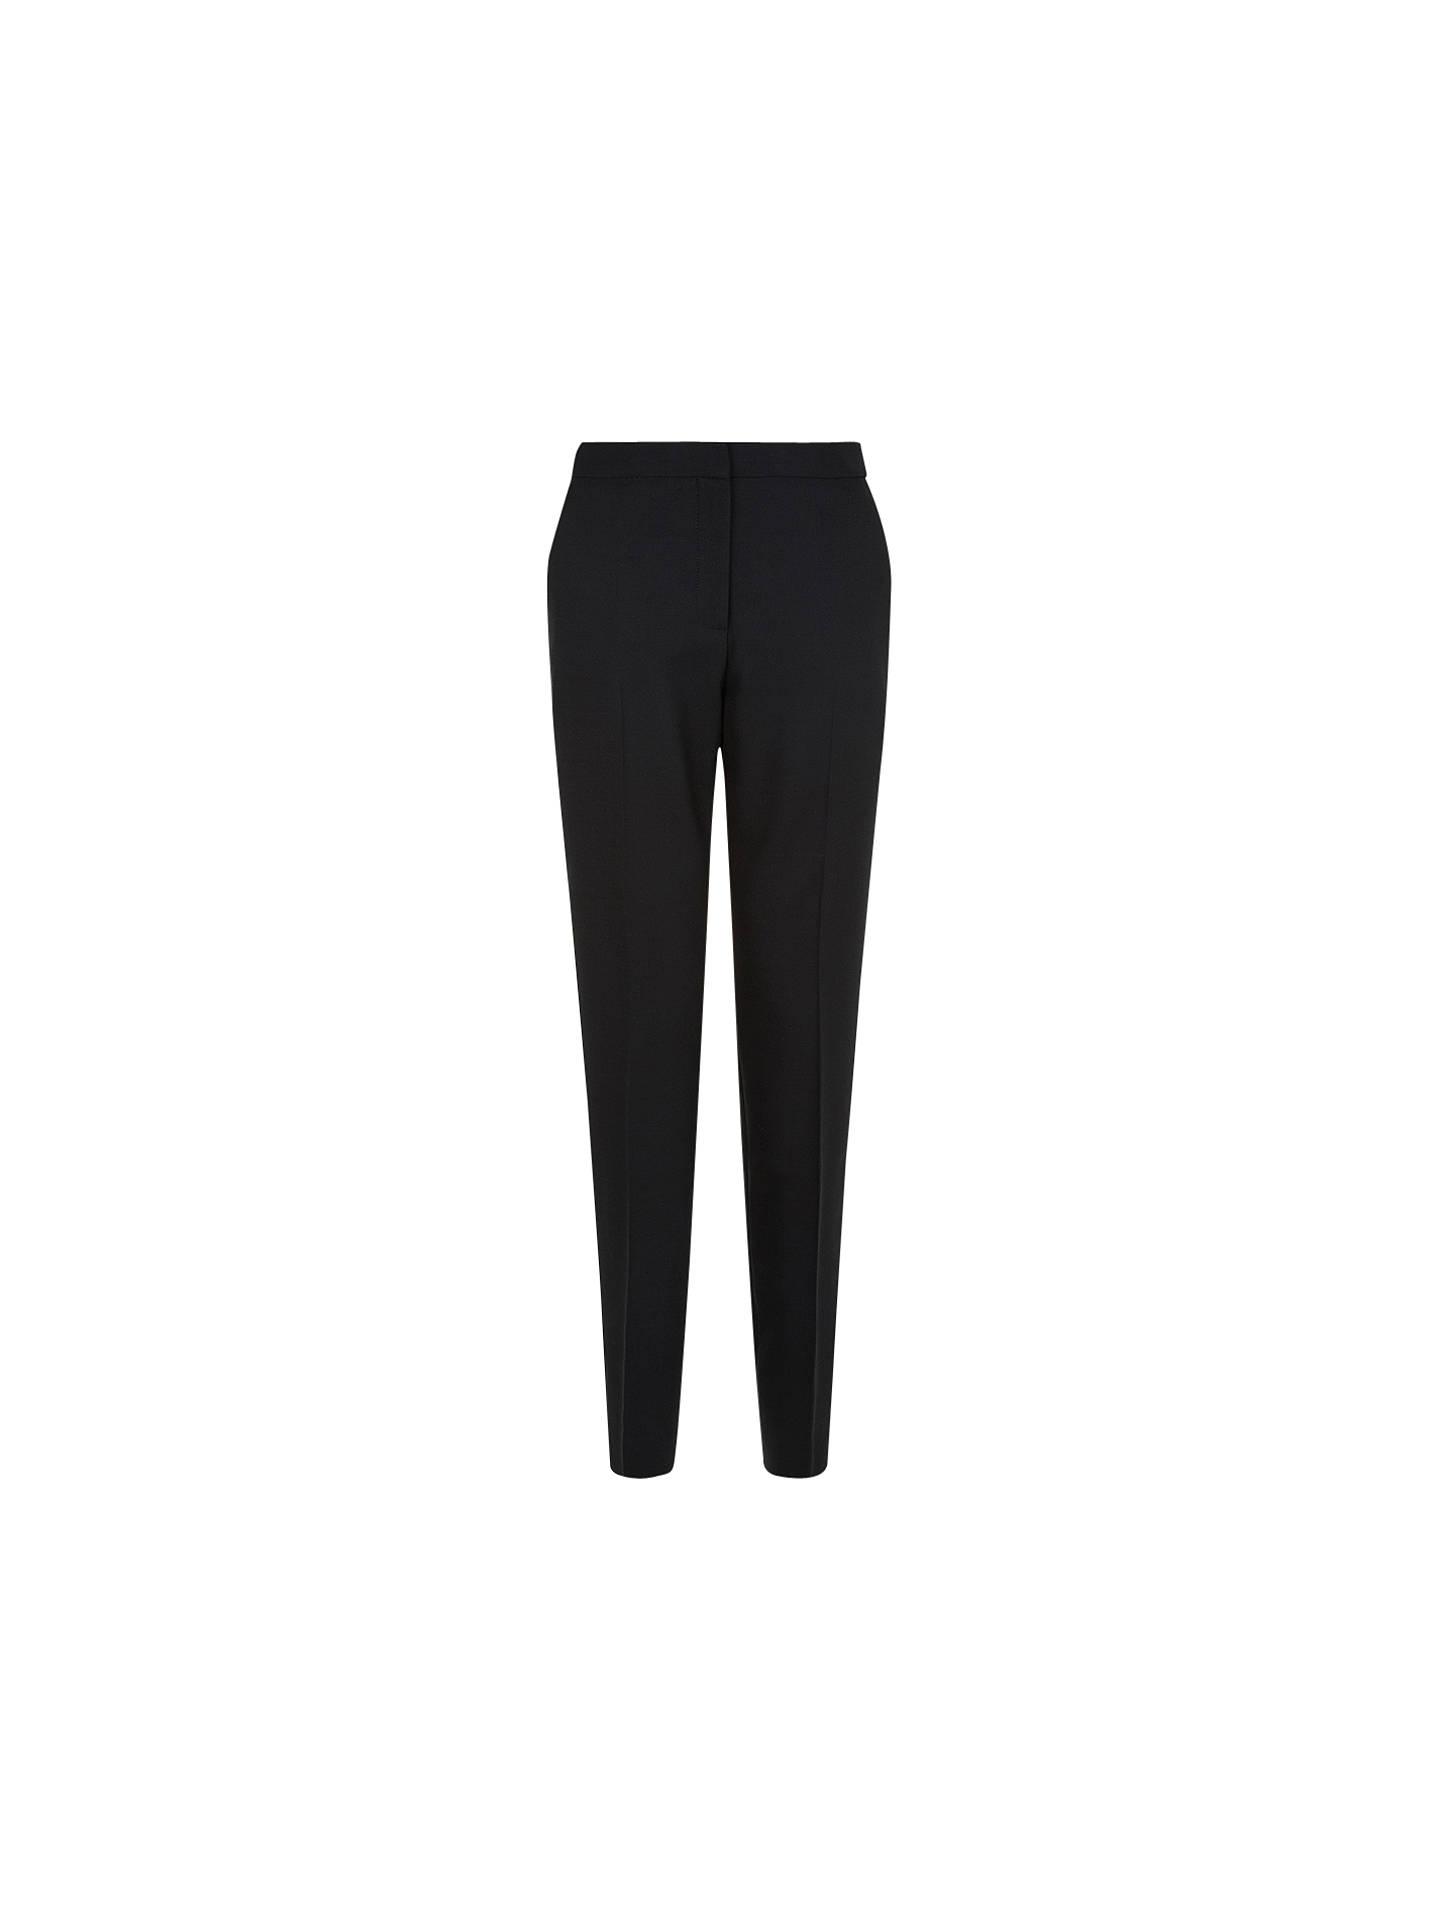 aab16901b19a2 Buy Hobbs Gael Trousers, Black, 6 Online at johnlewis.com ...